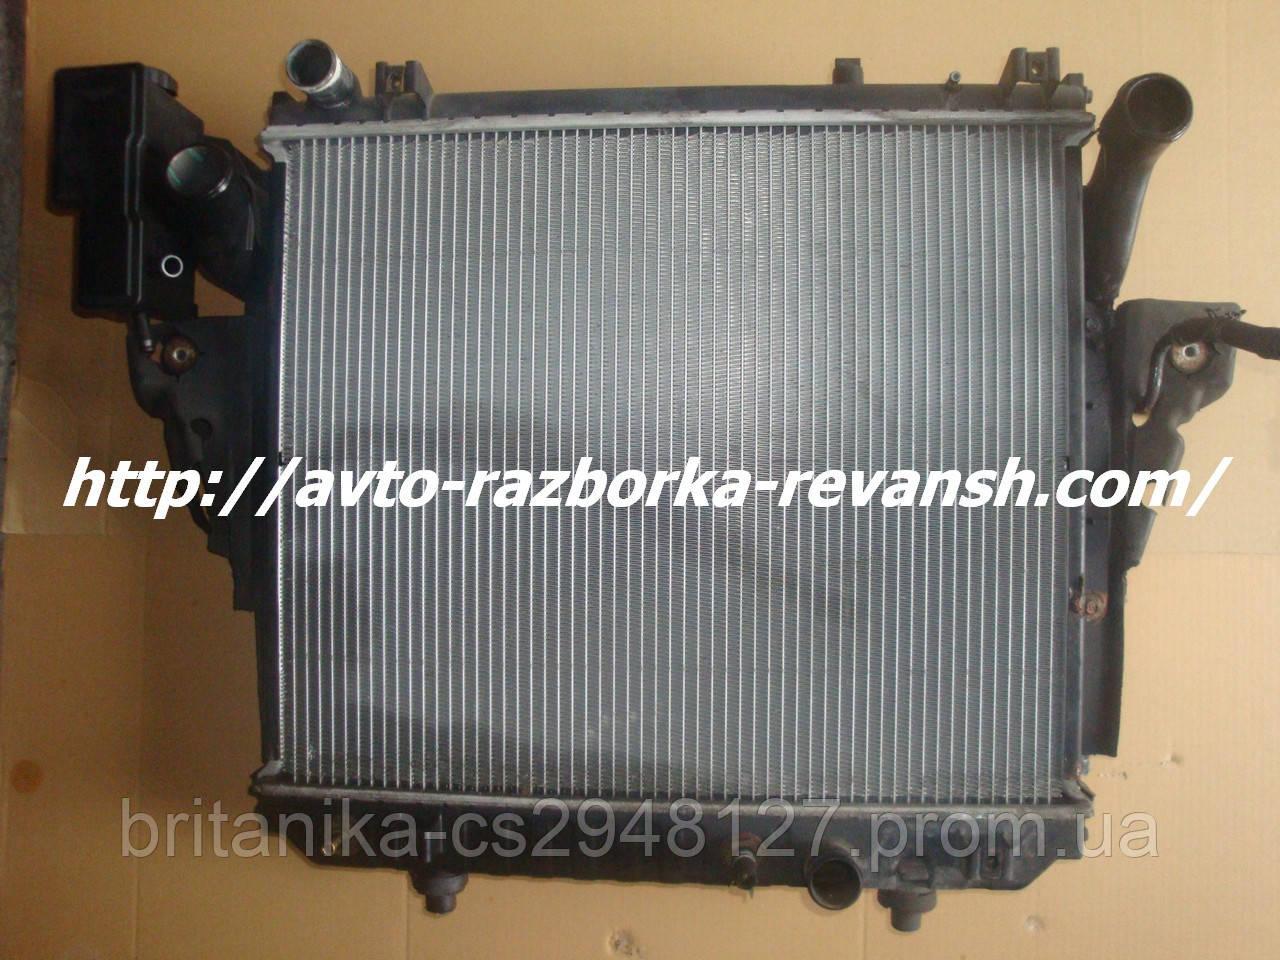 Радиатор водянного охлаждения Джип Гранд Чероки WJ бу 52079969AA